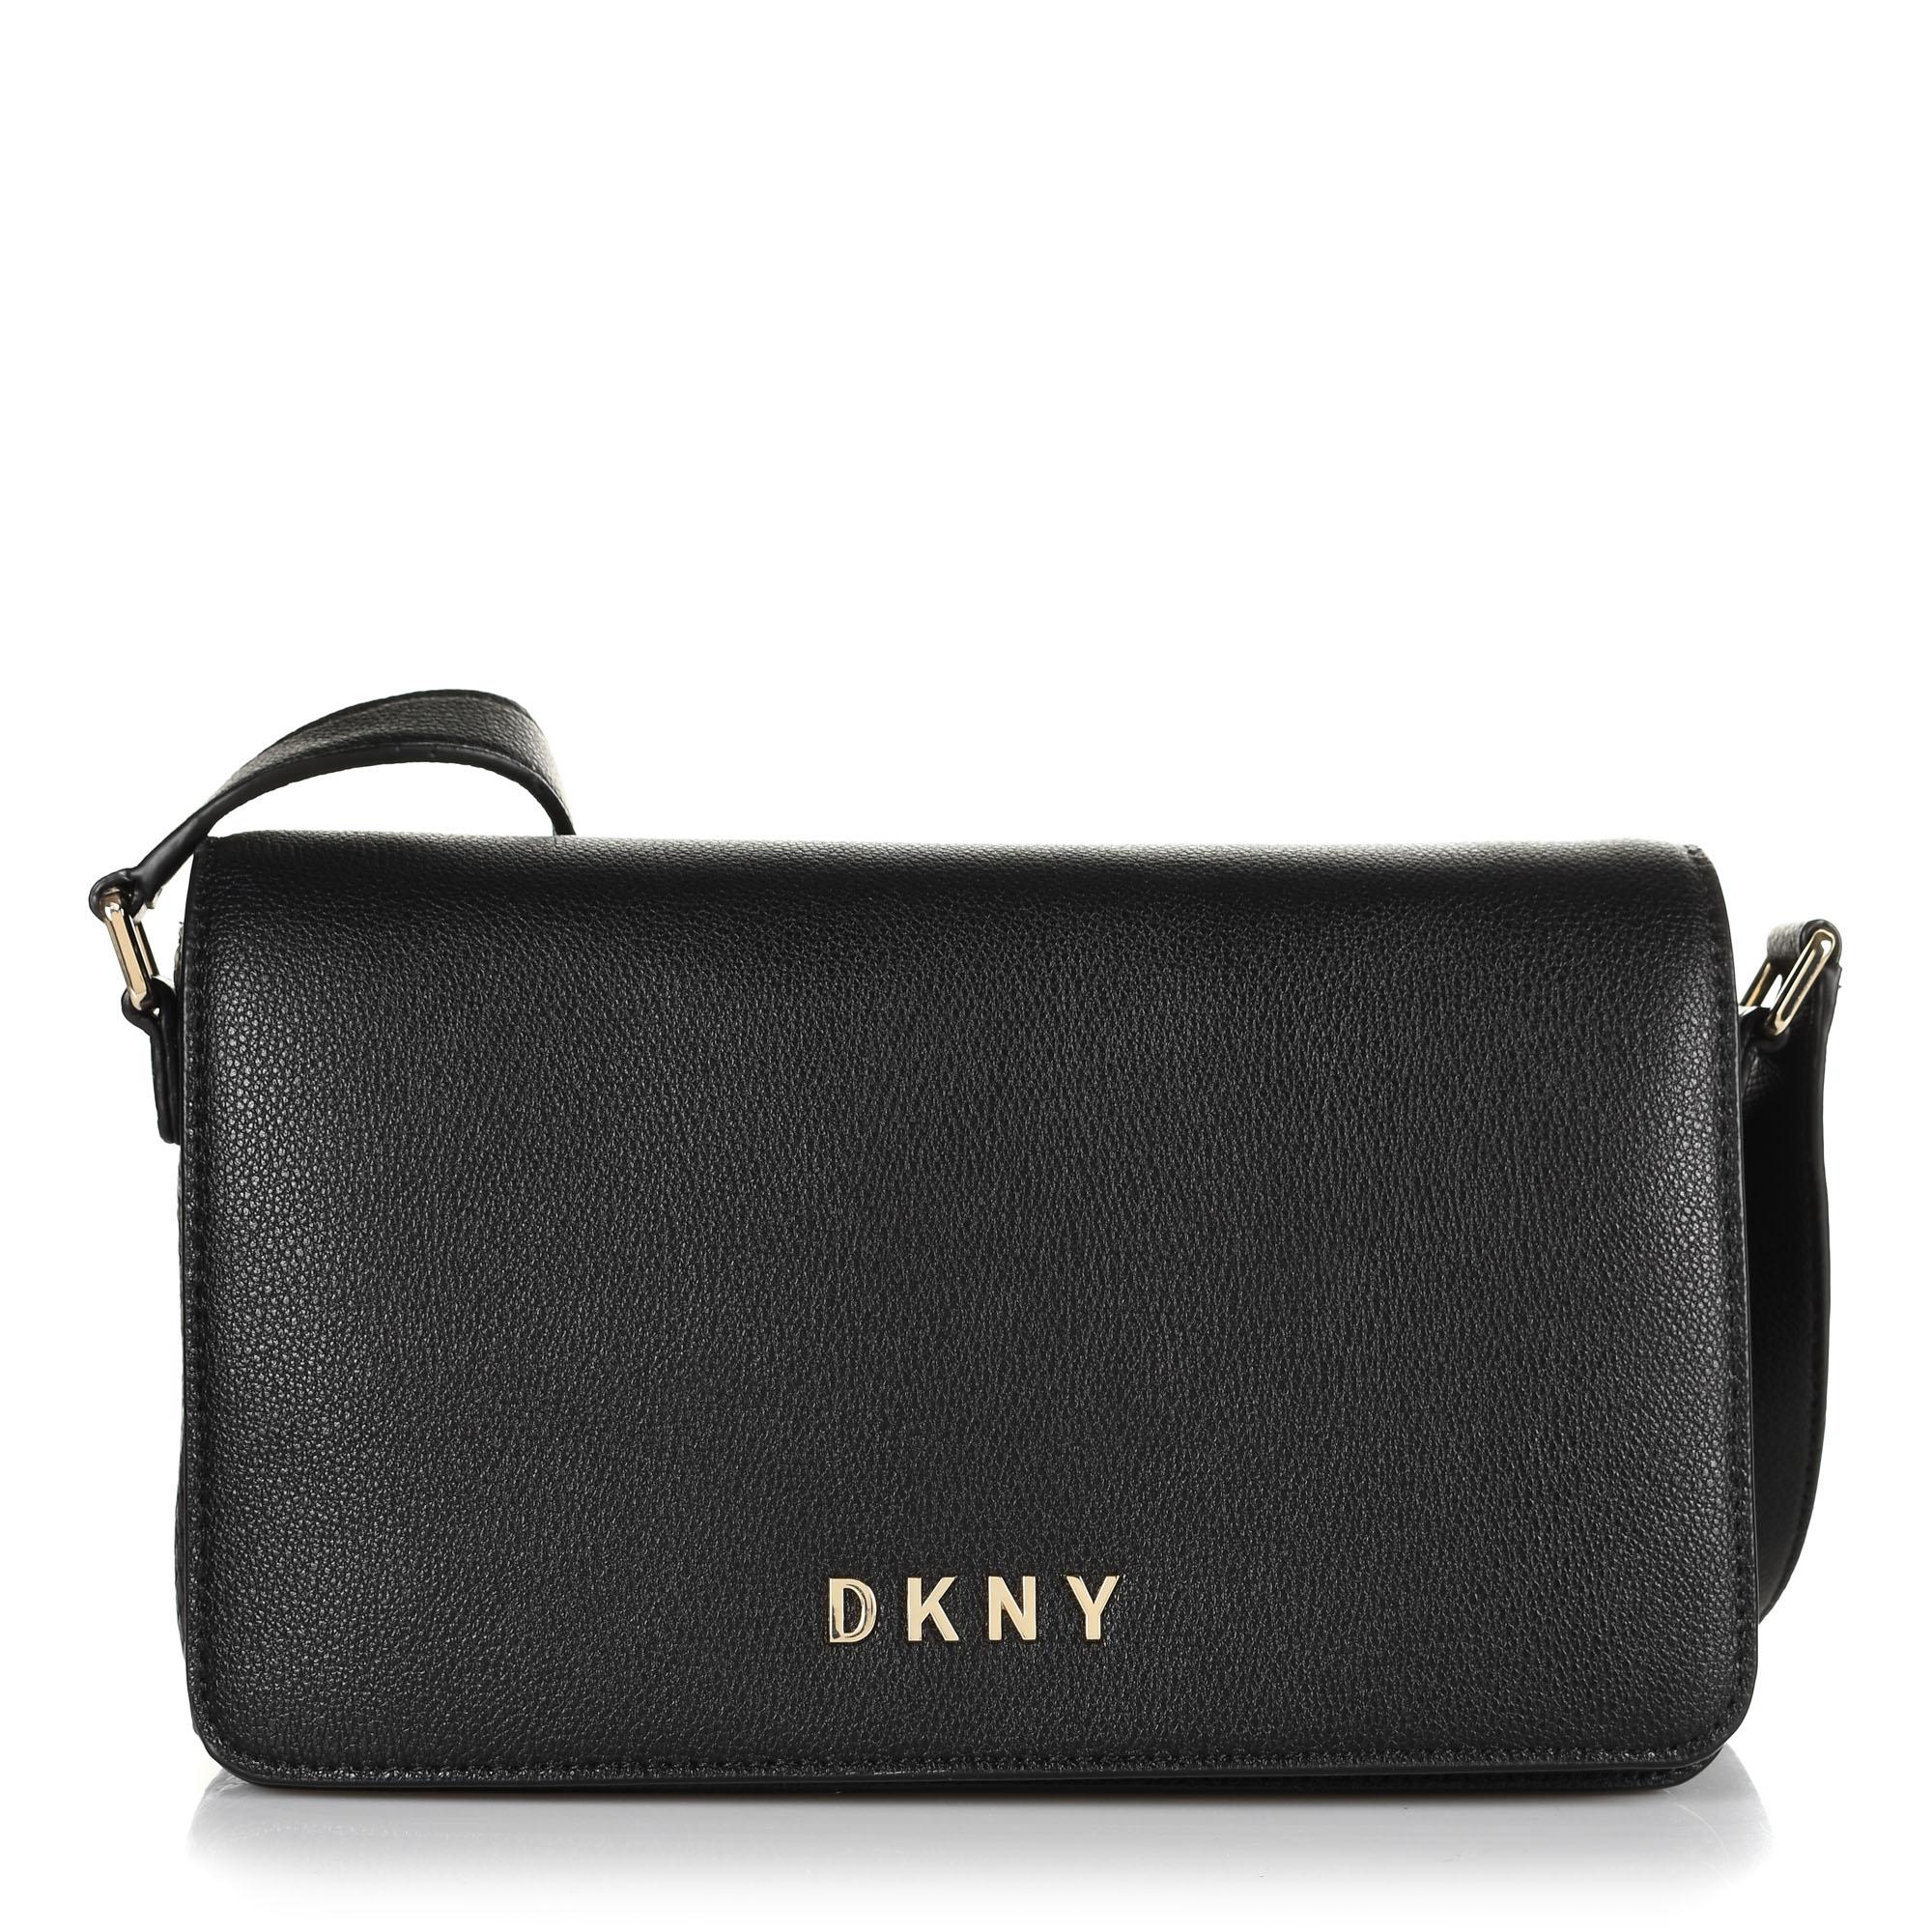 Δερμάτινη Τσάντα Ώμου-Χιαστί DKNY Clara R933SD83